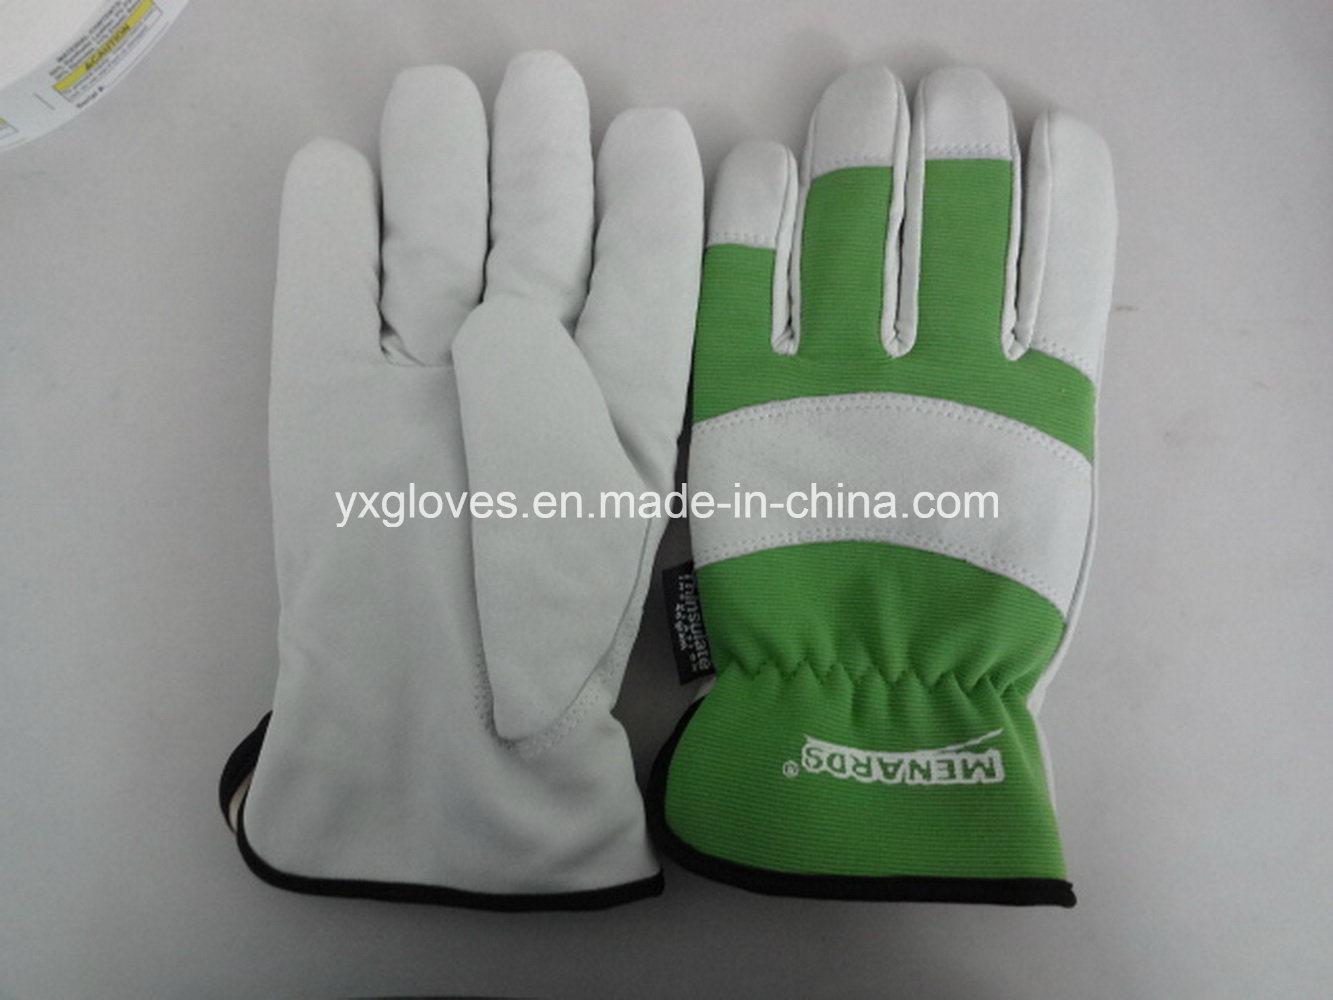 Work Glove-Gloves-Industrial Glove-Safety Glove